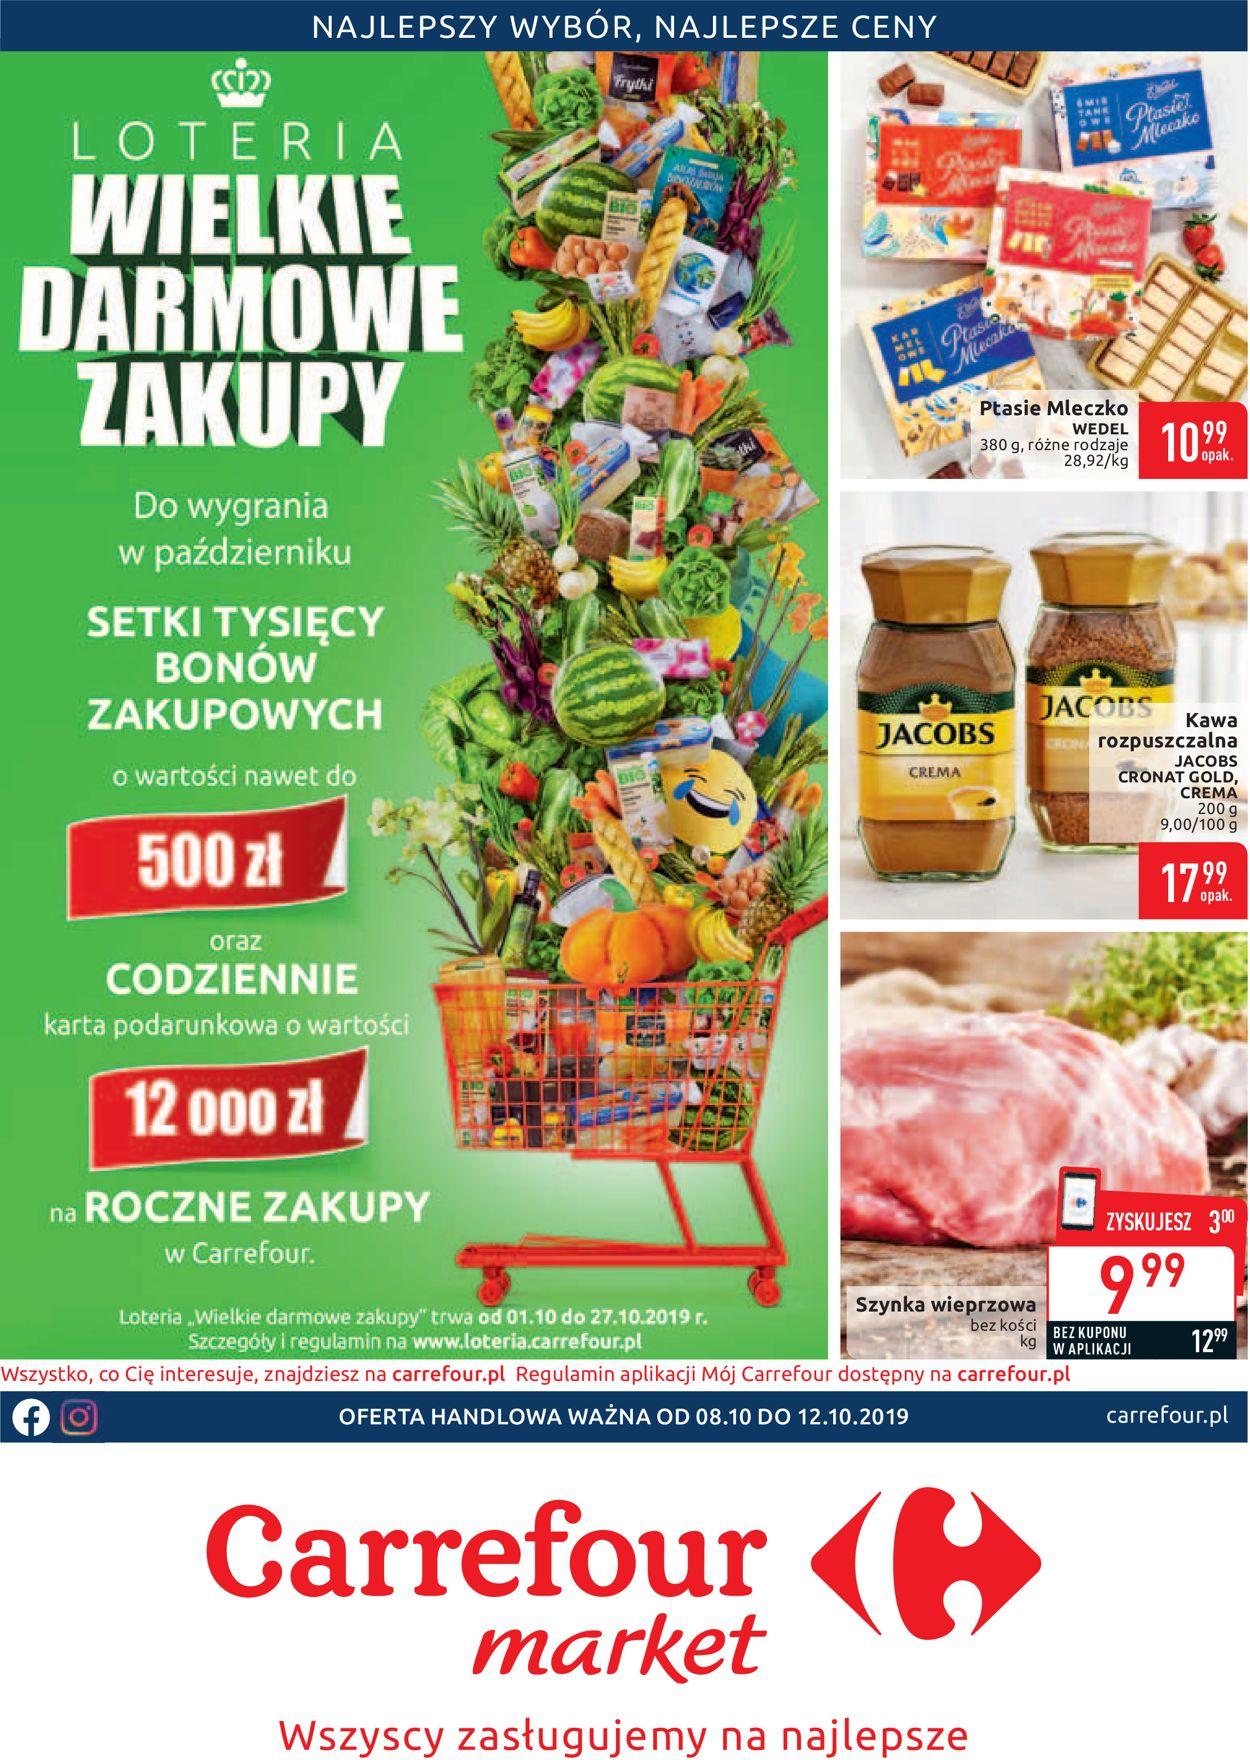 Gazetka promocyjna Carrefour - 08.10-12.10.2019